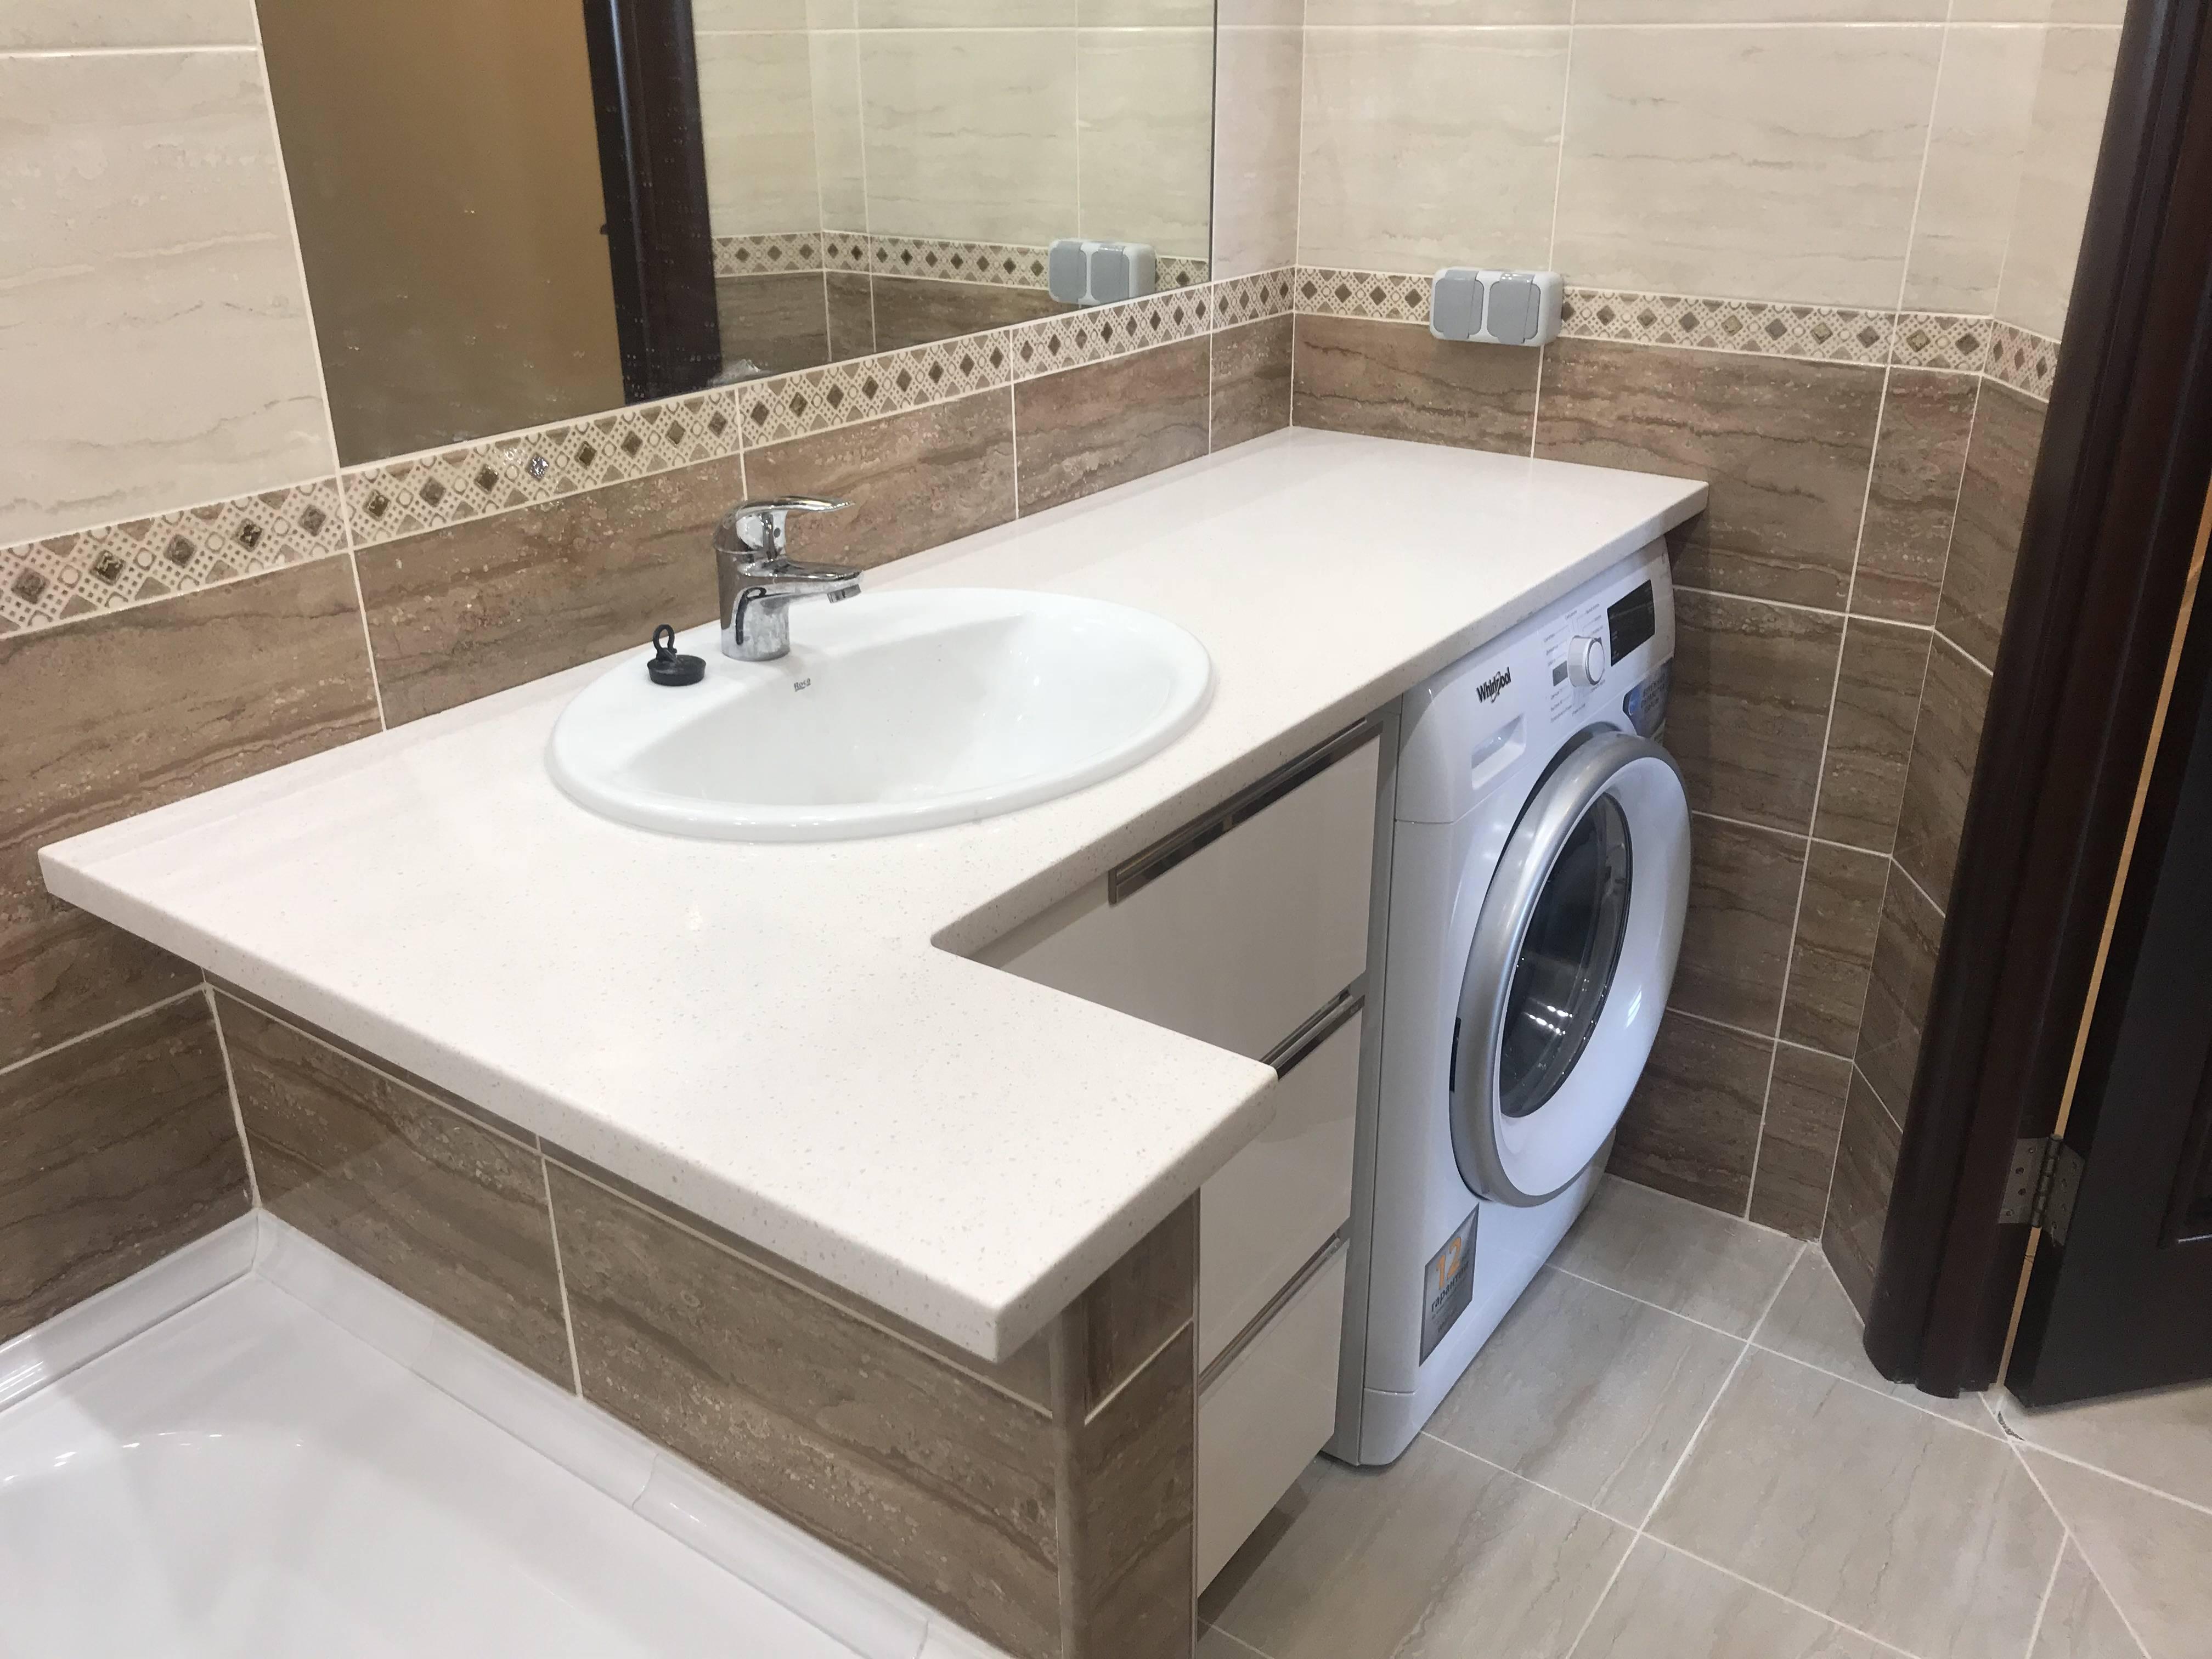 Деревянная столешница под раковину в ванную: инструкция по самостоятельному изготовлению